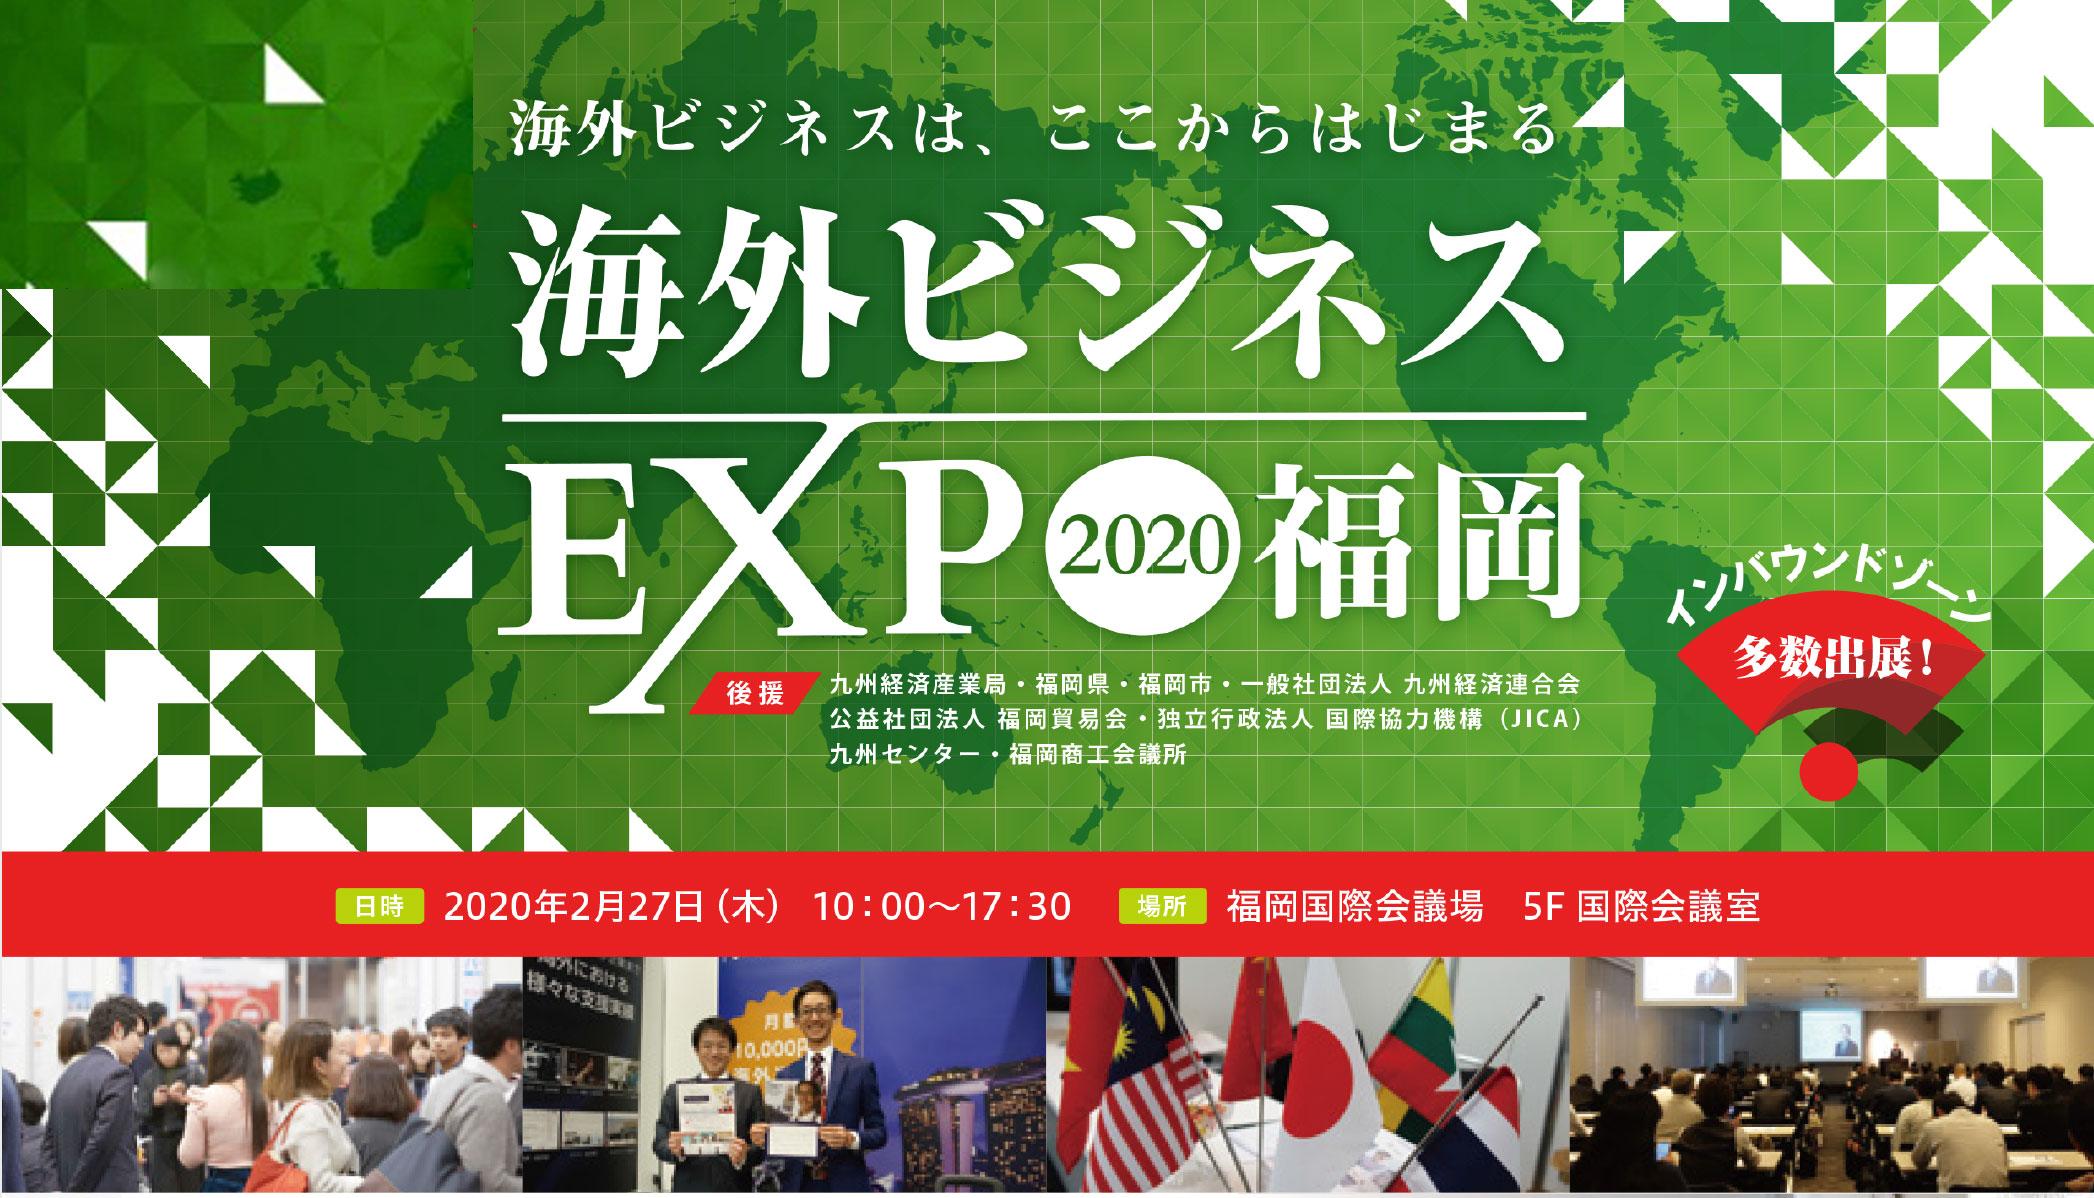 【海外ビジネス無料セミナー@EXPO福岡】外国人労働者雇用に関する国内外のトラブルについて